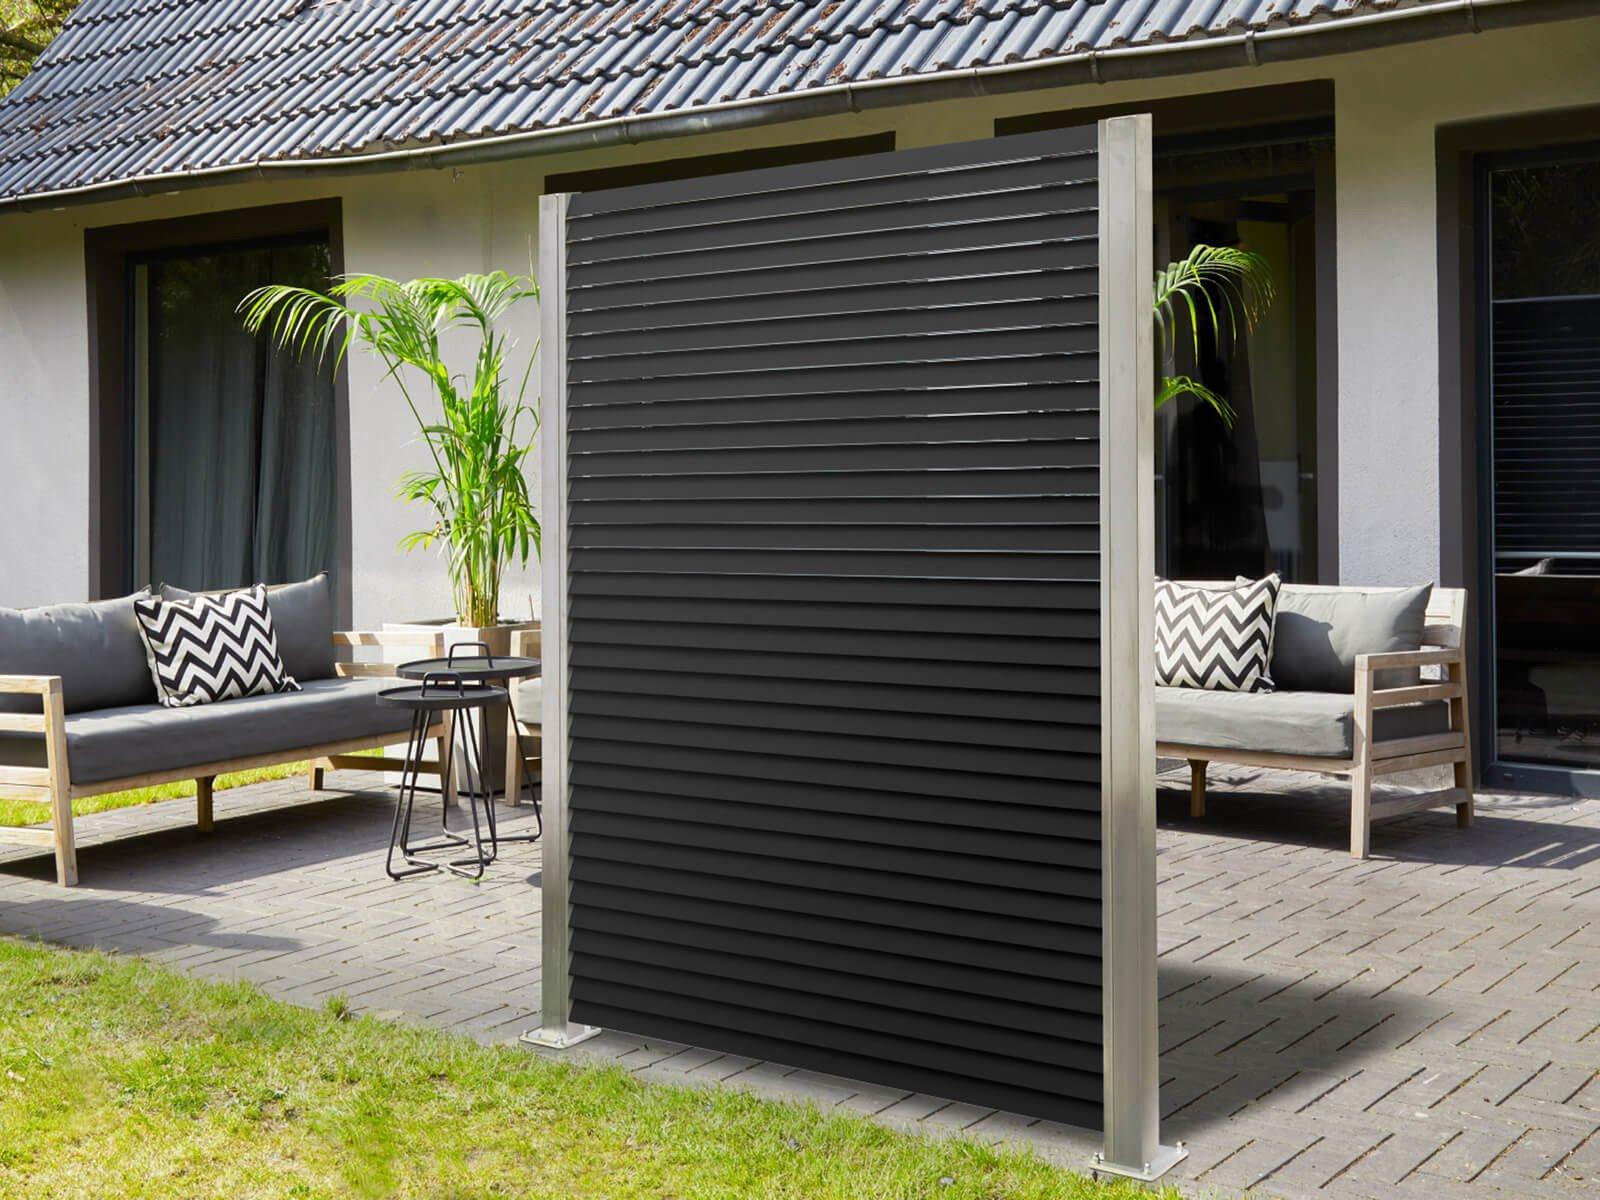 Lamellenzaun Porto in Schwarz ideal für größere Flächen im Garten modern und elegant